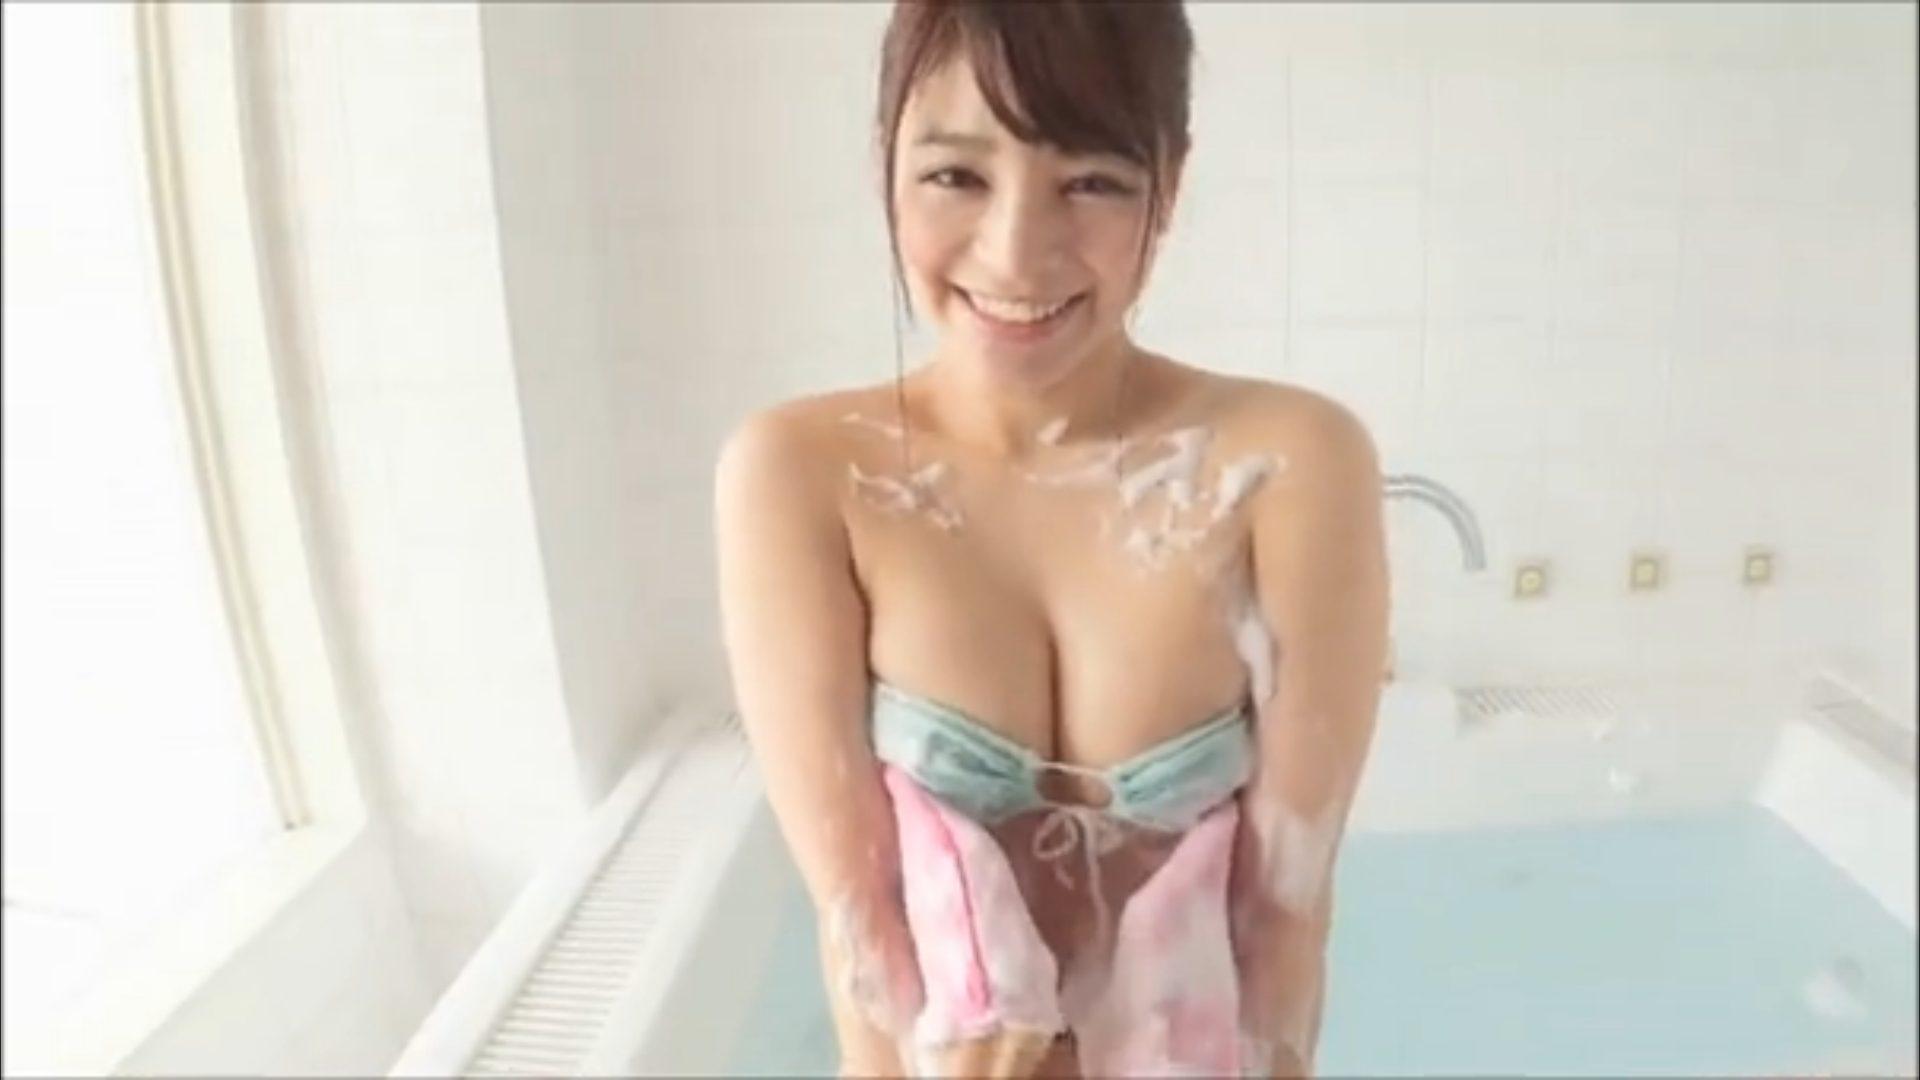 【春菜めぐみ】Eカップ5 「Secret Lover」サンプル動画